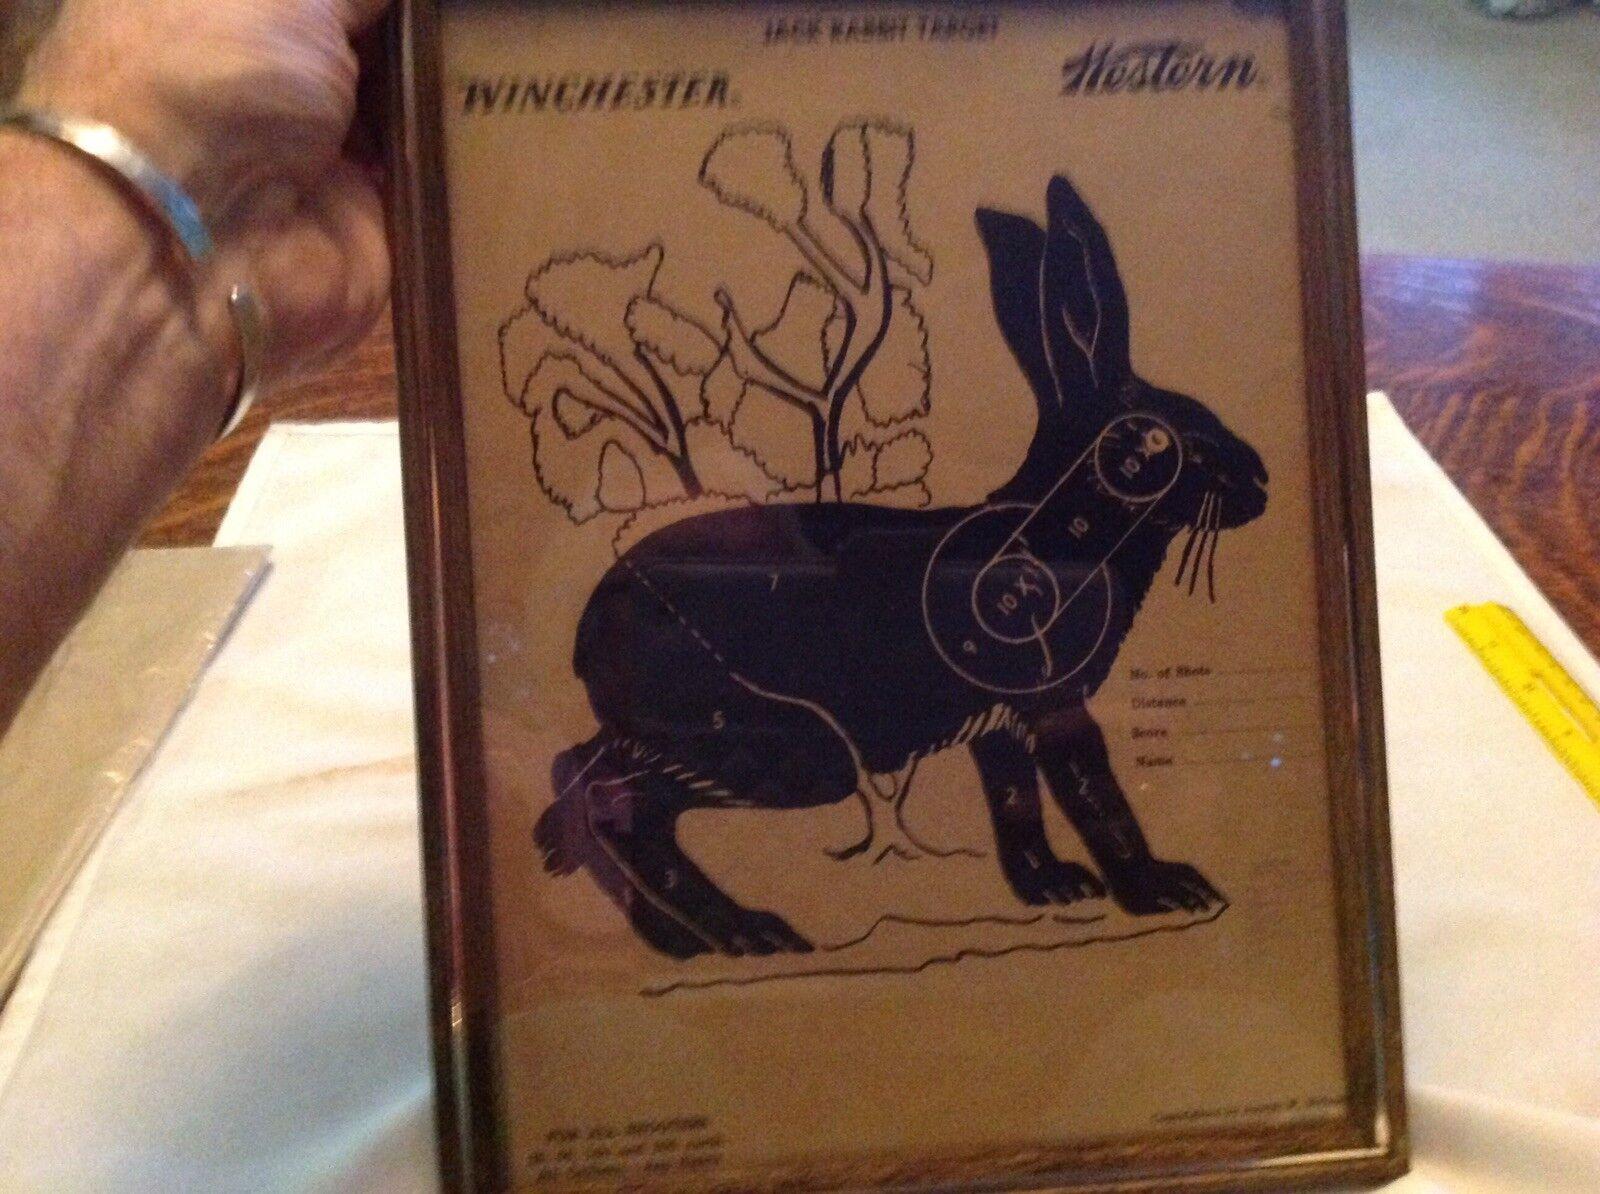 Winchester & Western Vintage Jack Conejo de destino